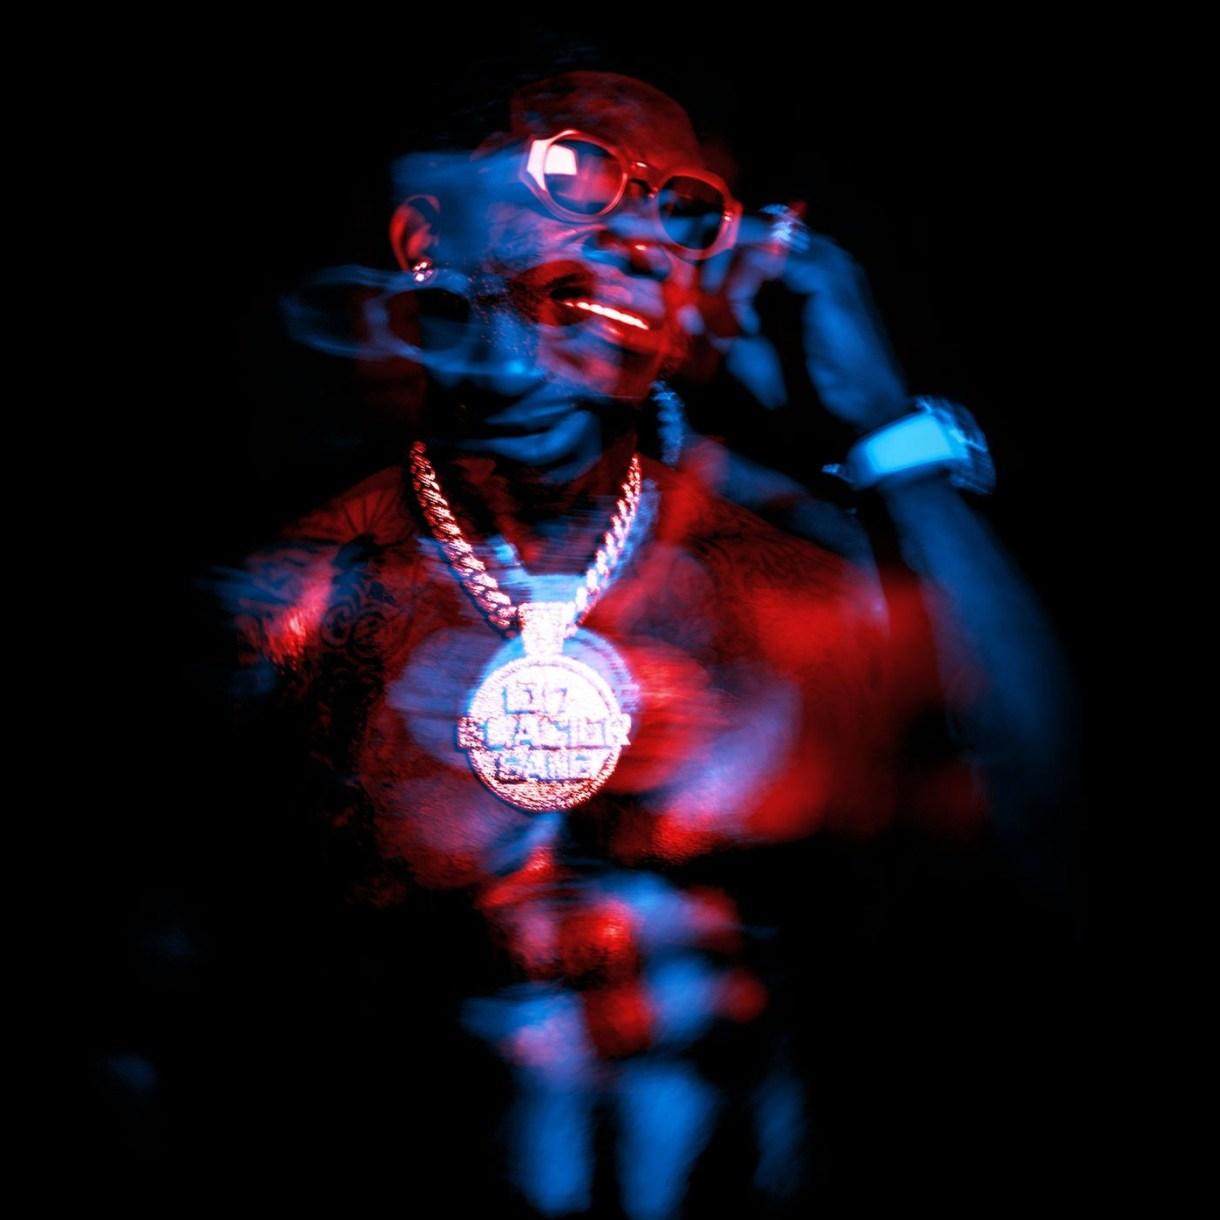 Gucci Mane - Evil Genius Album